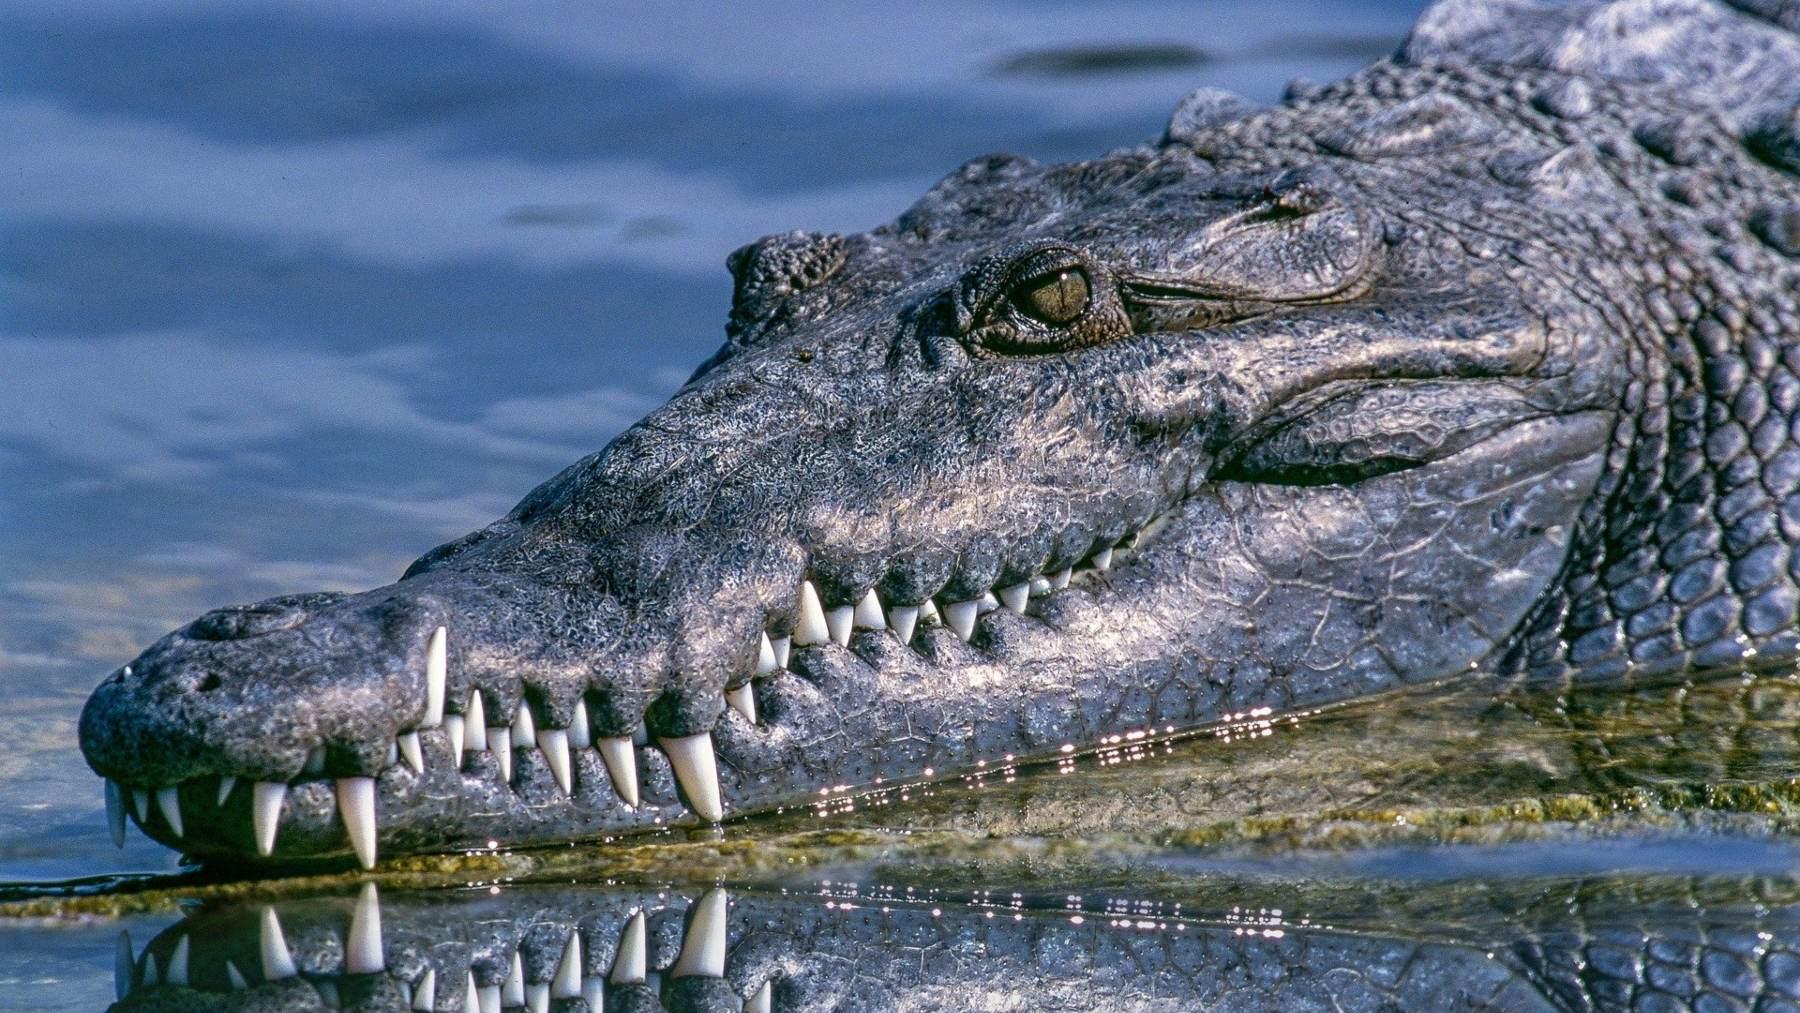 Tipos de cocodrilos